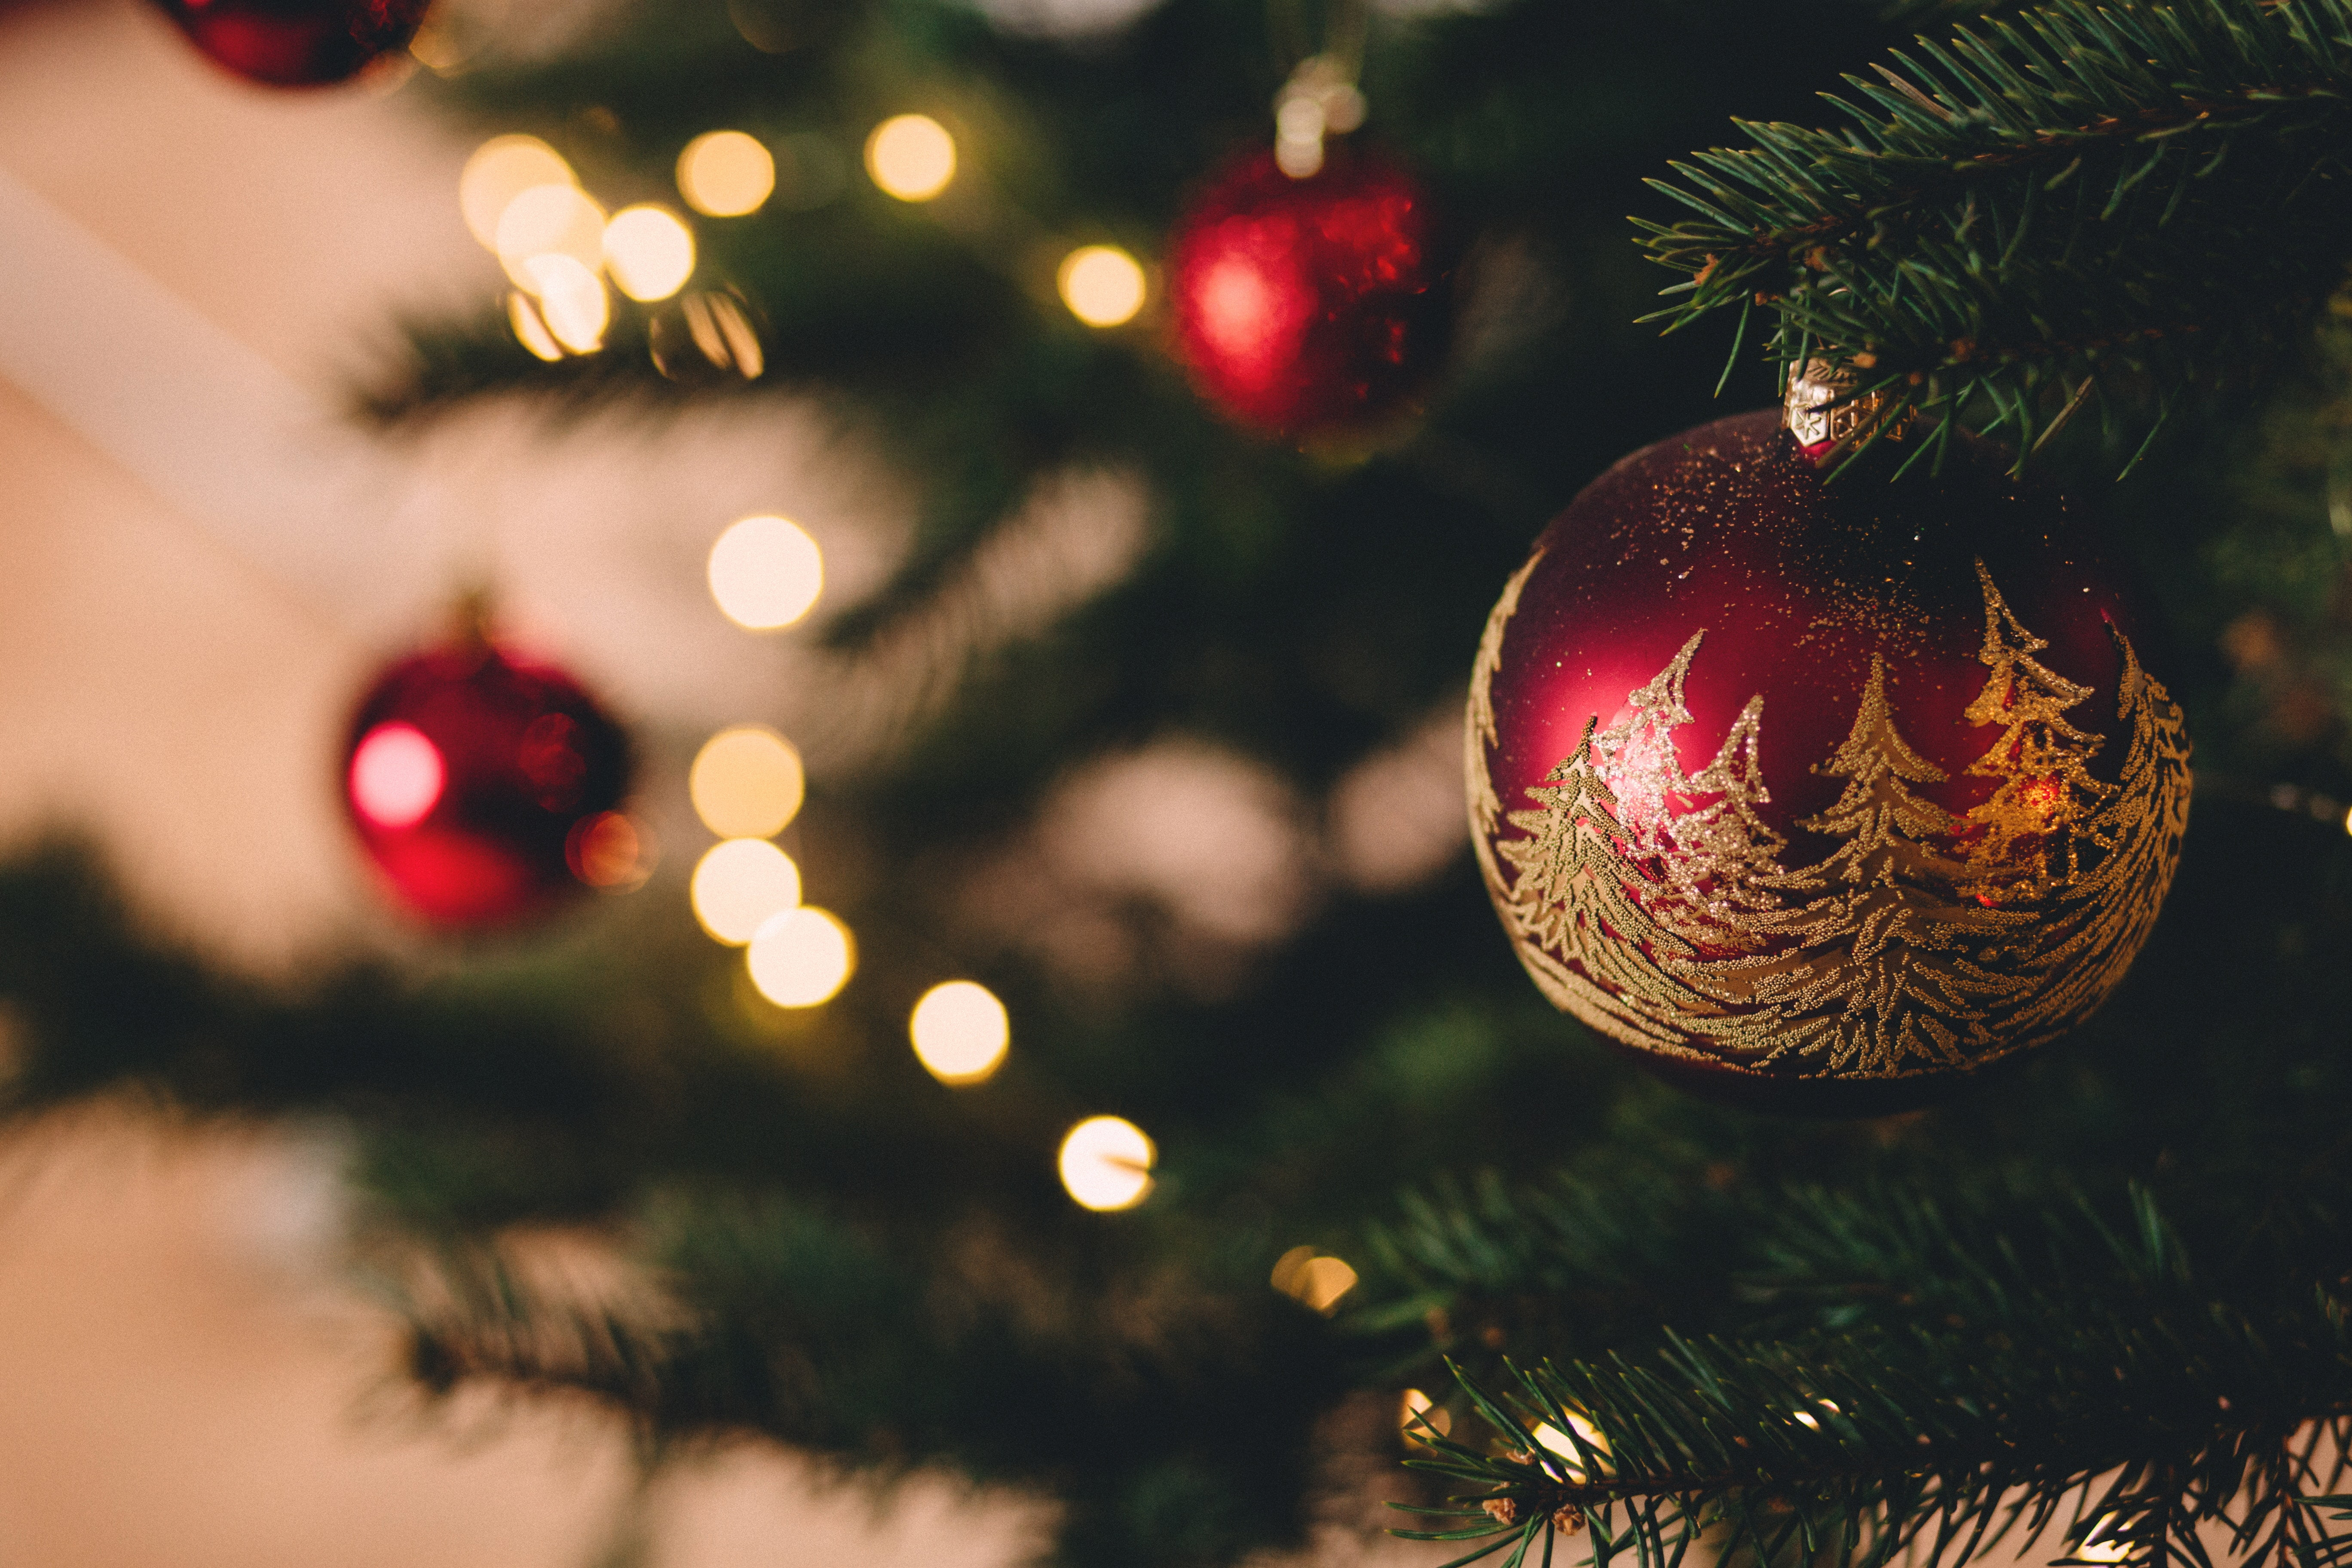 La historia de la Navidad y el Arte en la historia de la Natividad